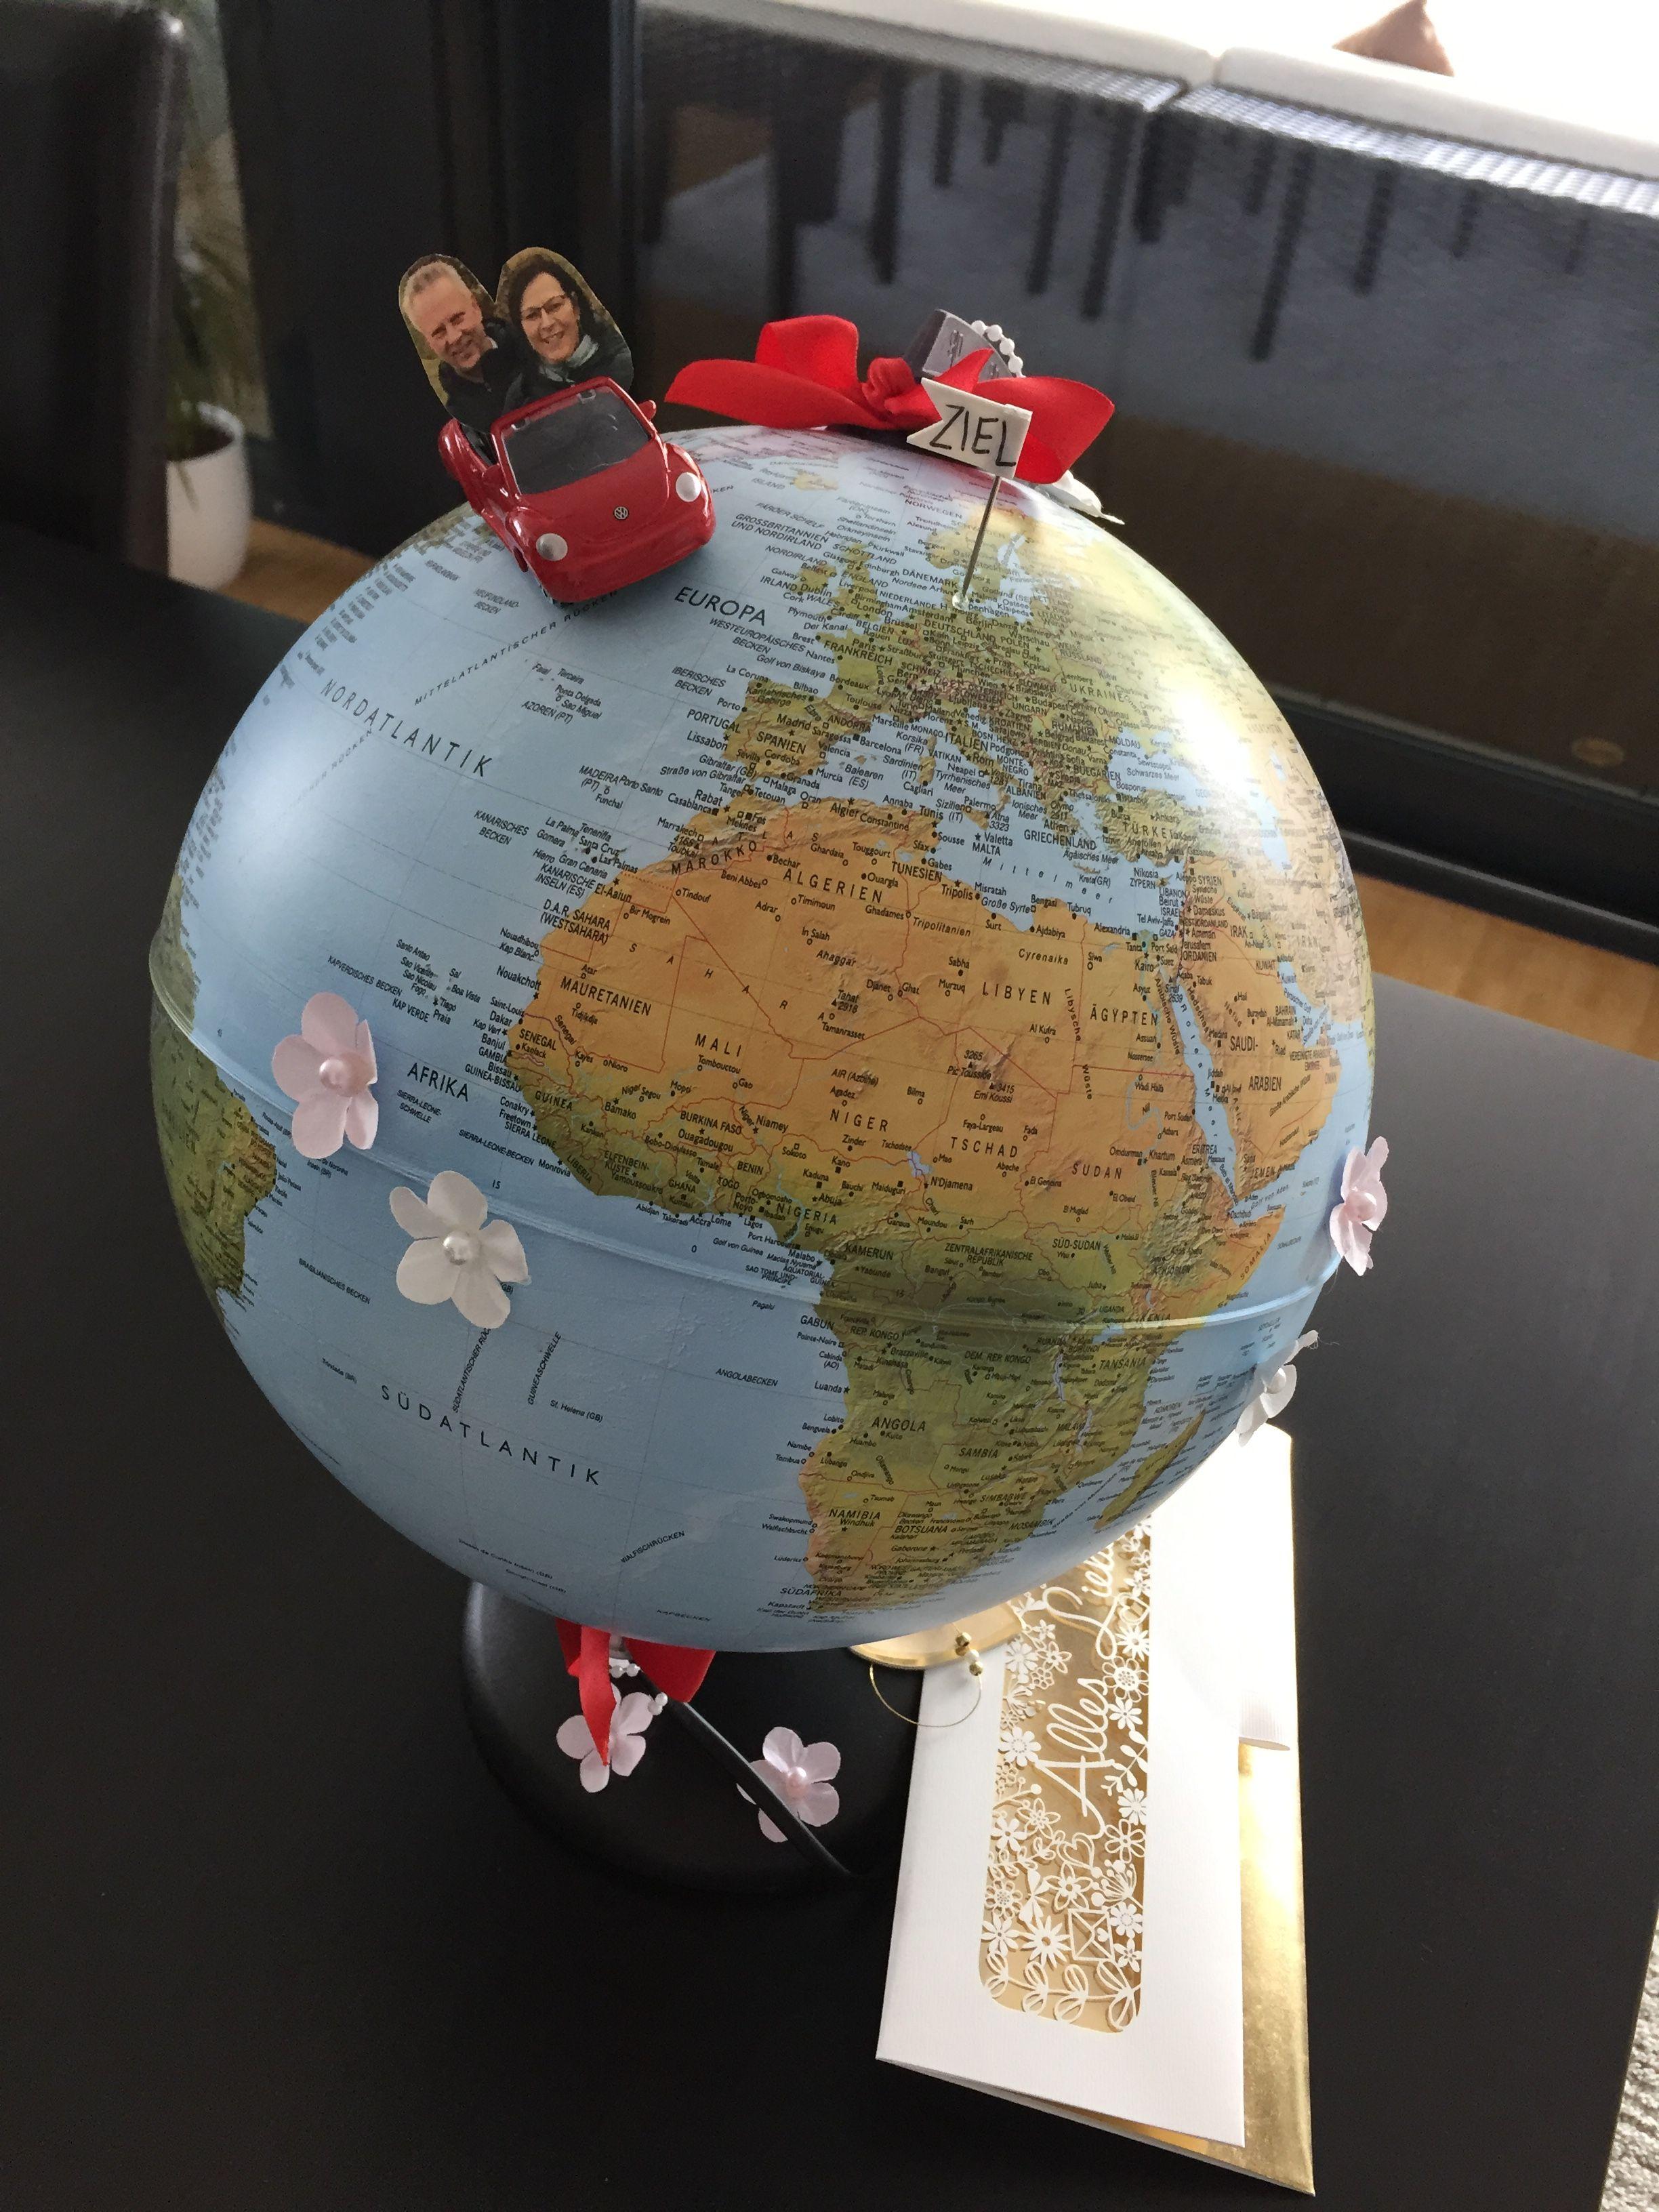 Hochzeitsgeschenk Globus Mit Dem Hochzeitspaar Im Auto Mit Einem Fahnchen Ist Das Ziel Markiert Dieser Ist Im Geschenk Hochzeit Hochzeitsgeschenk Geschenke